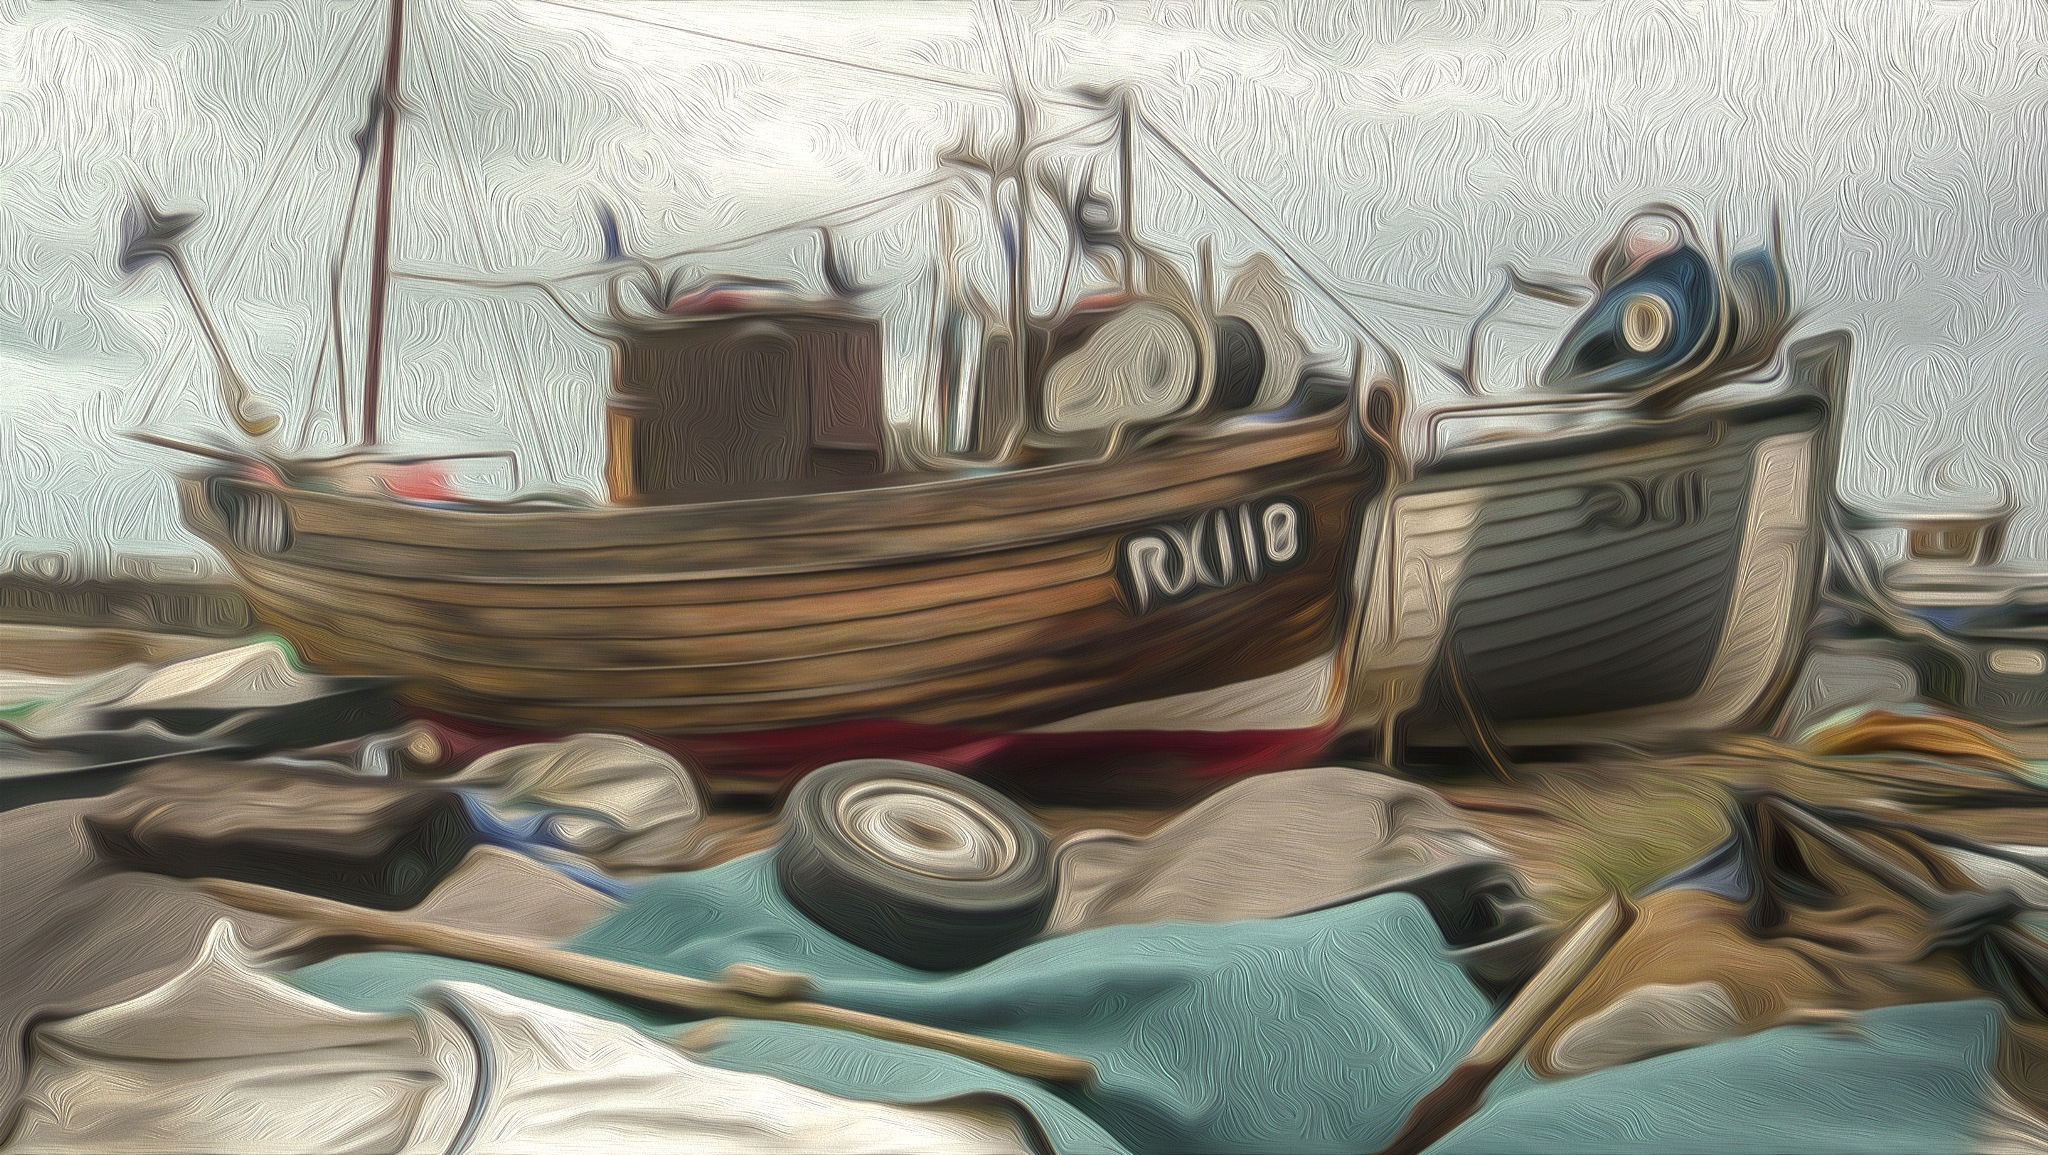 p2p -Stade boats by onasar